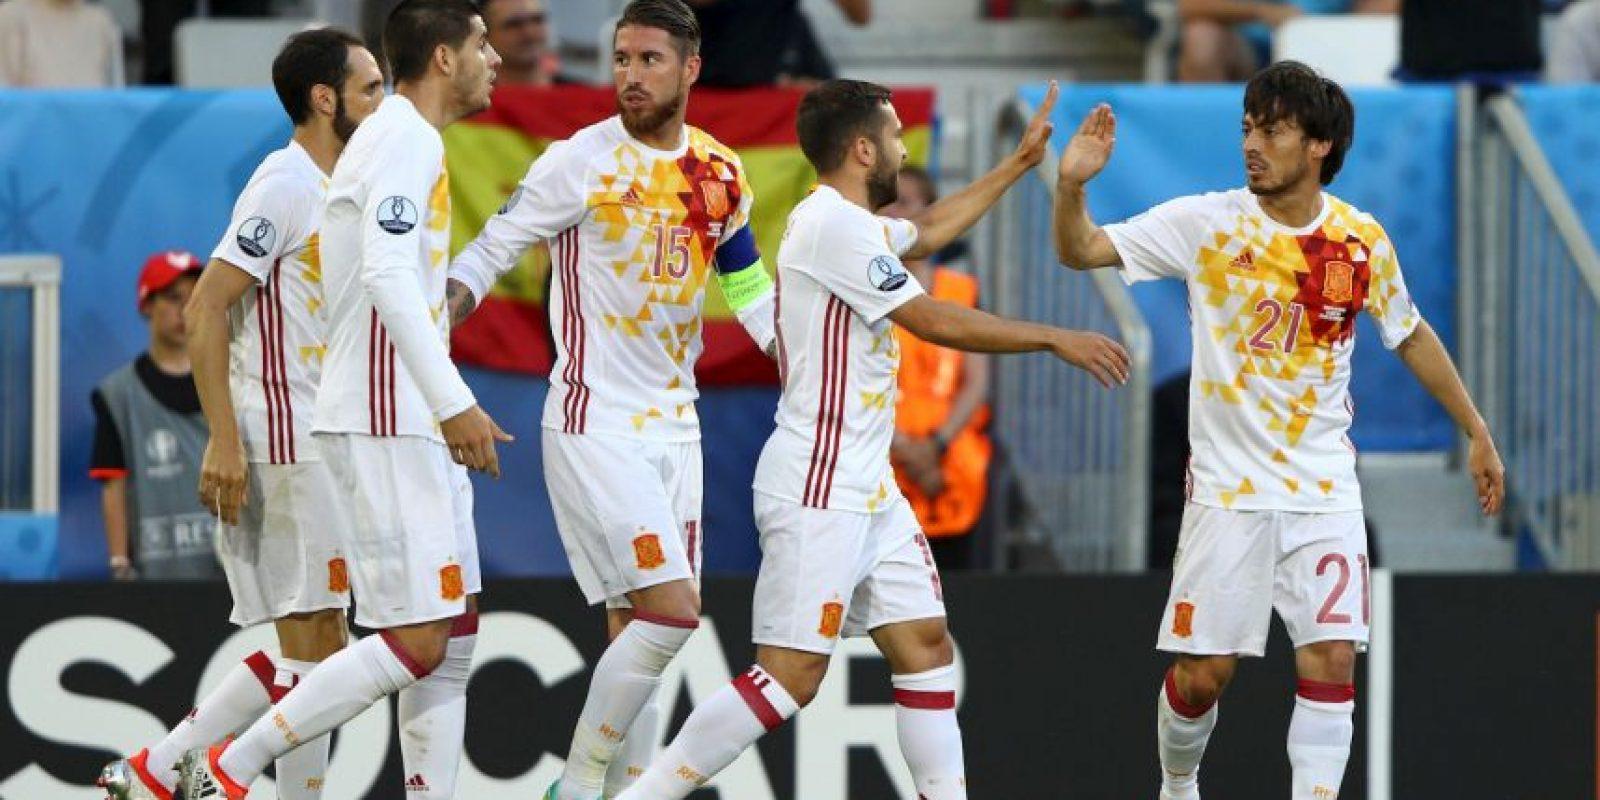 España no convenció y cayó ante Croacia en la última fecha de su zona, quedando relegado al segundo lugar Foto:Getty Images